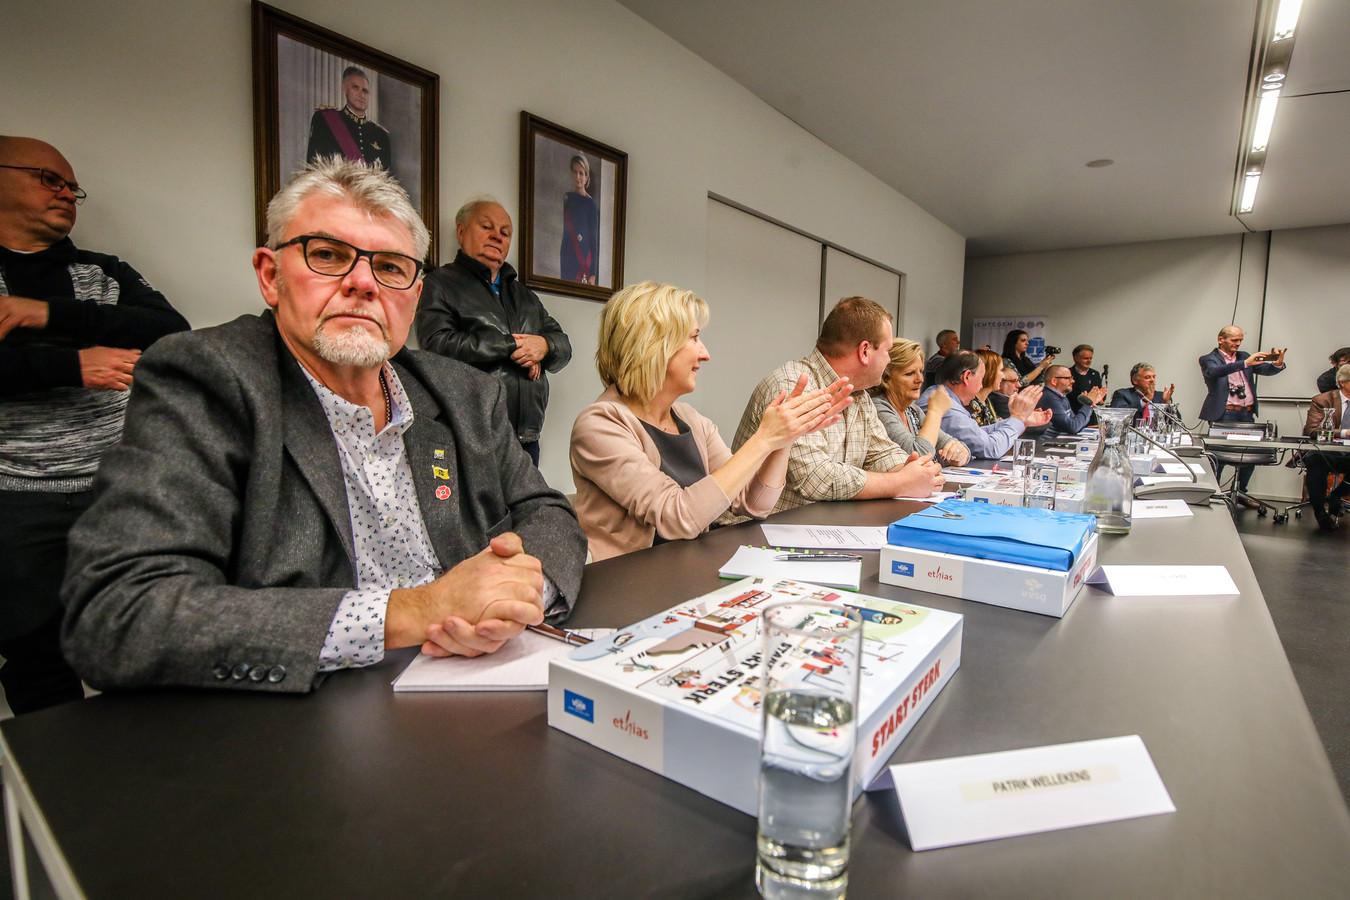 Patrik Wellekens, raadslid voor Vlaams Belang in Ichtegem, verklaart het succes van de partij